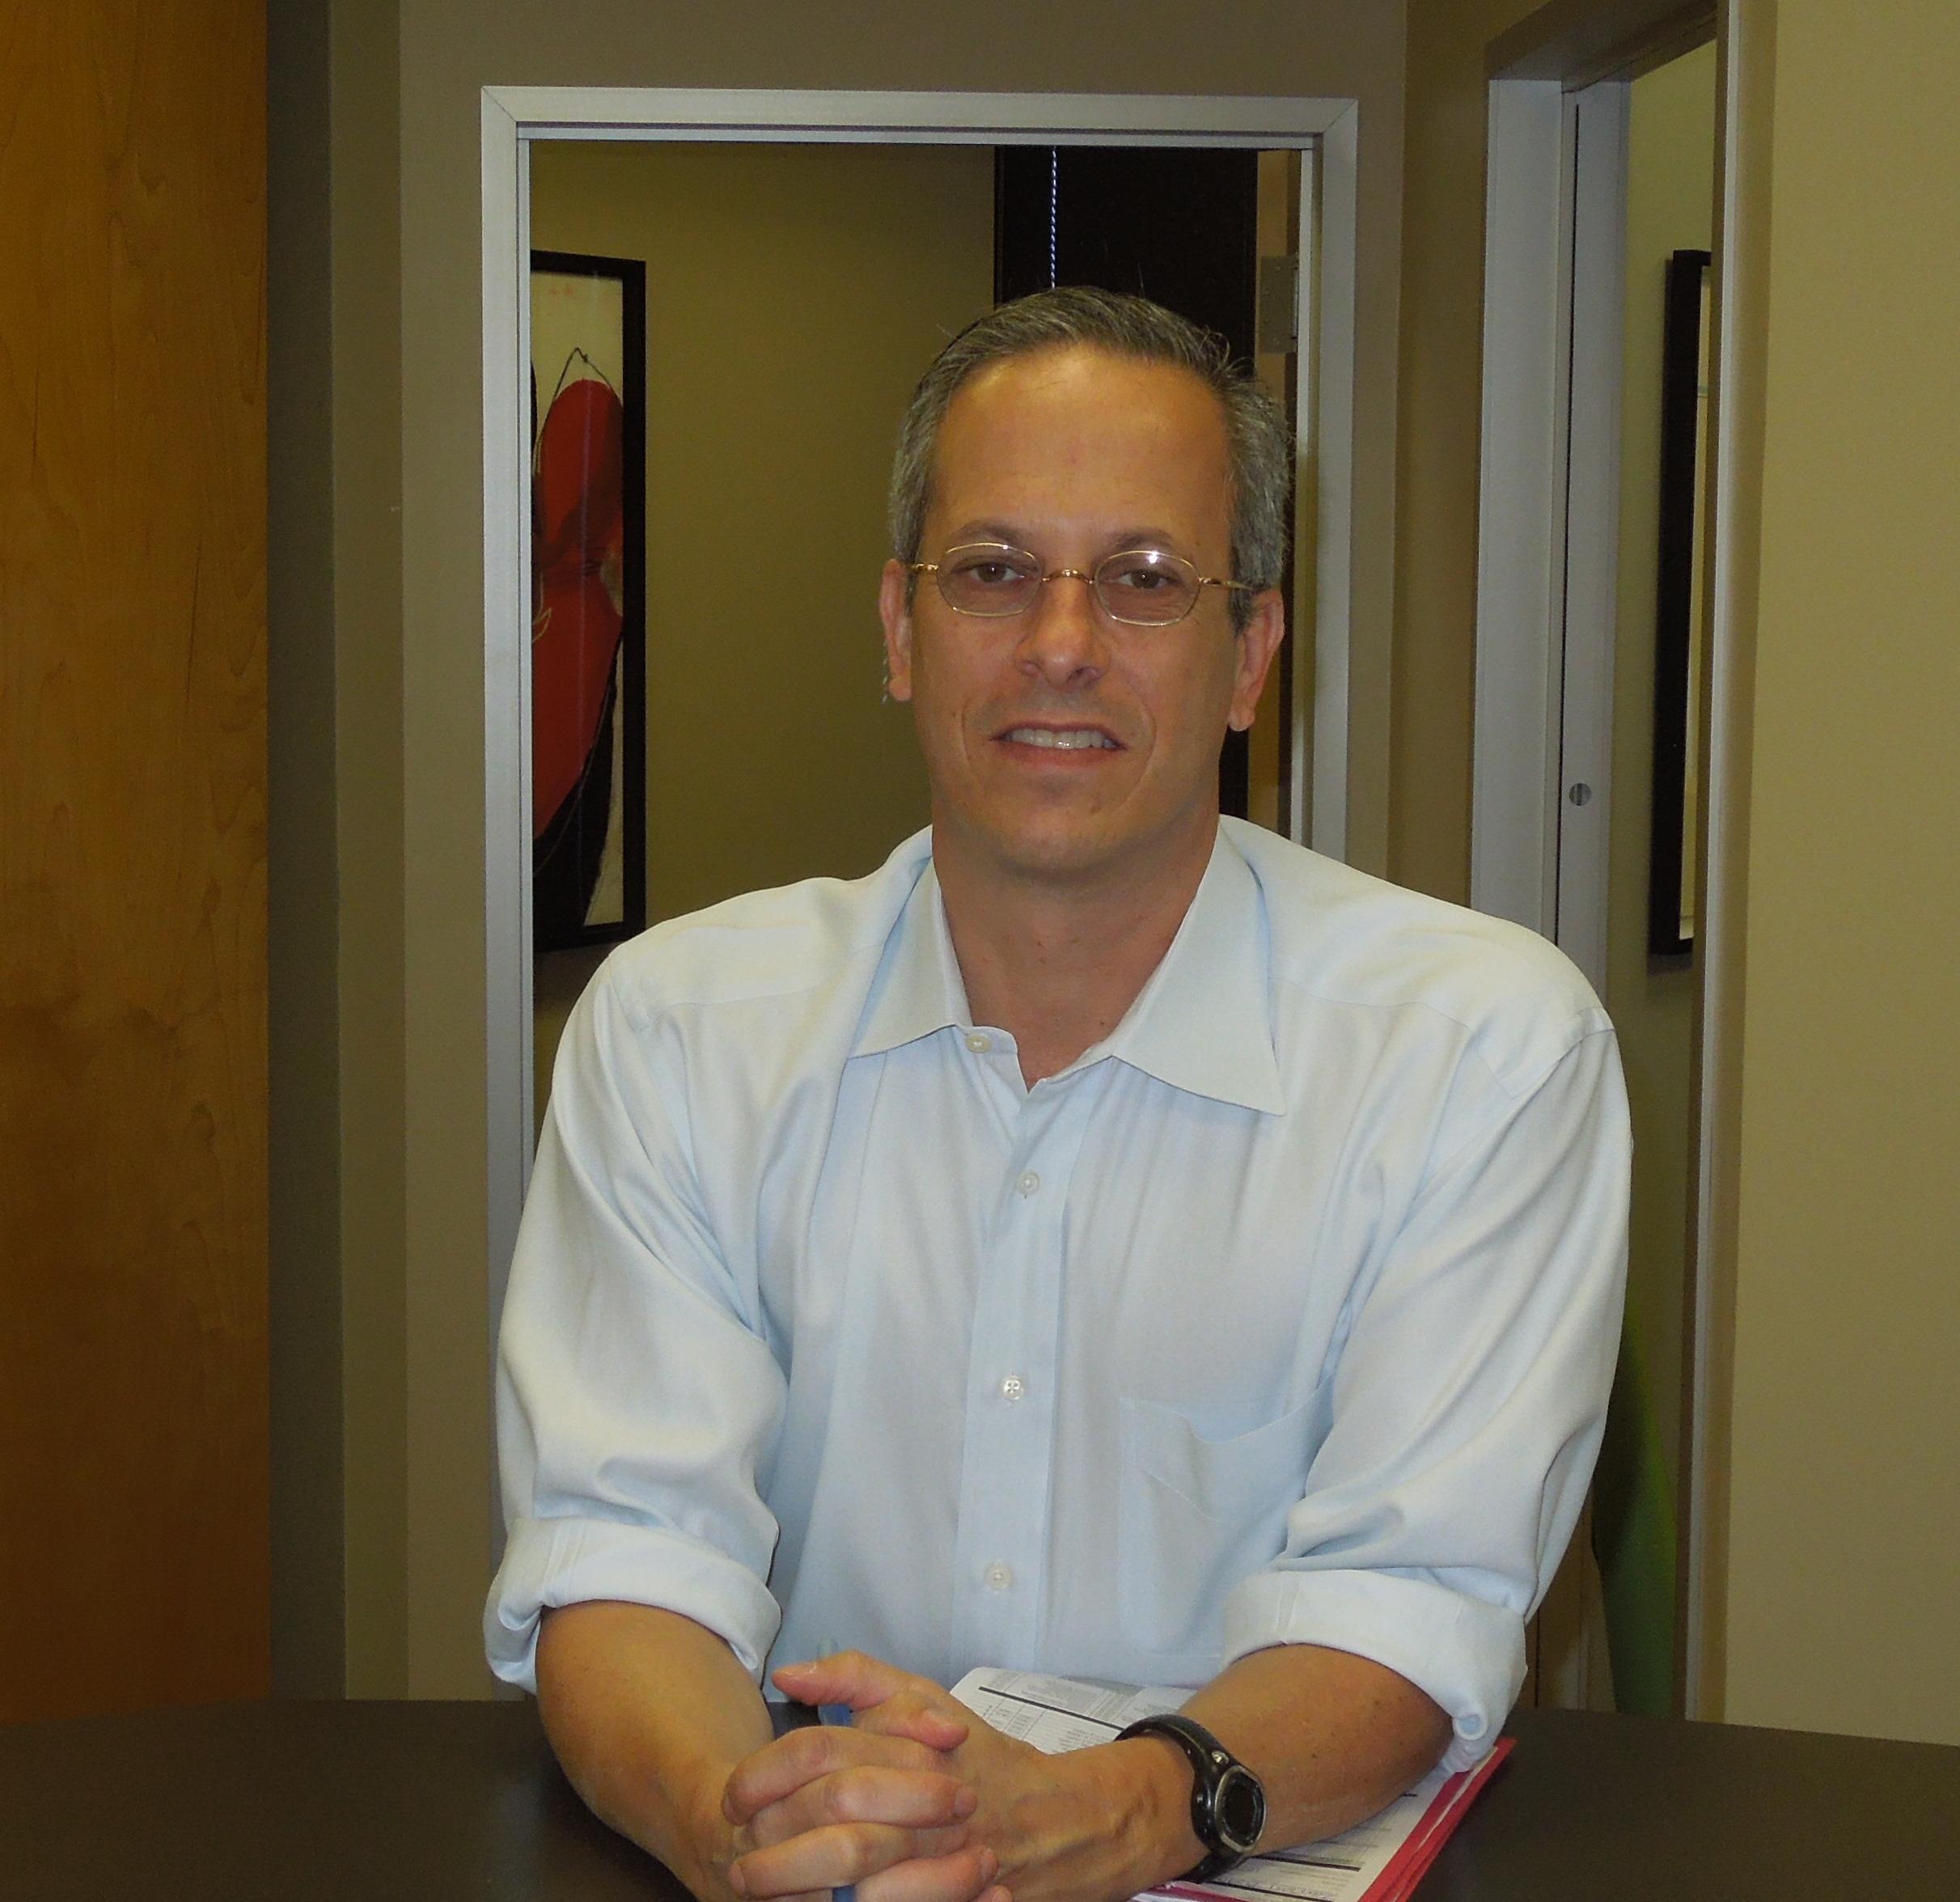 Dr. Steven Becker image 1